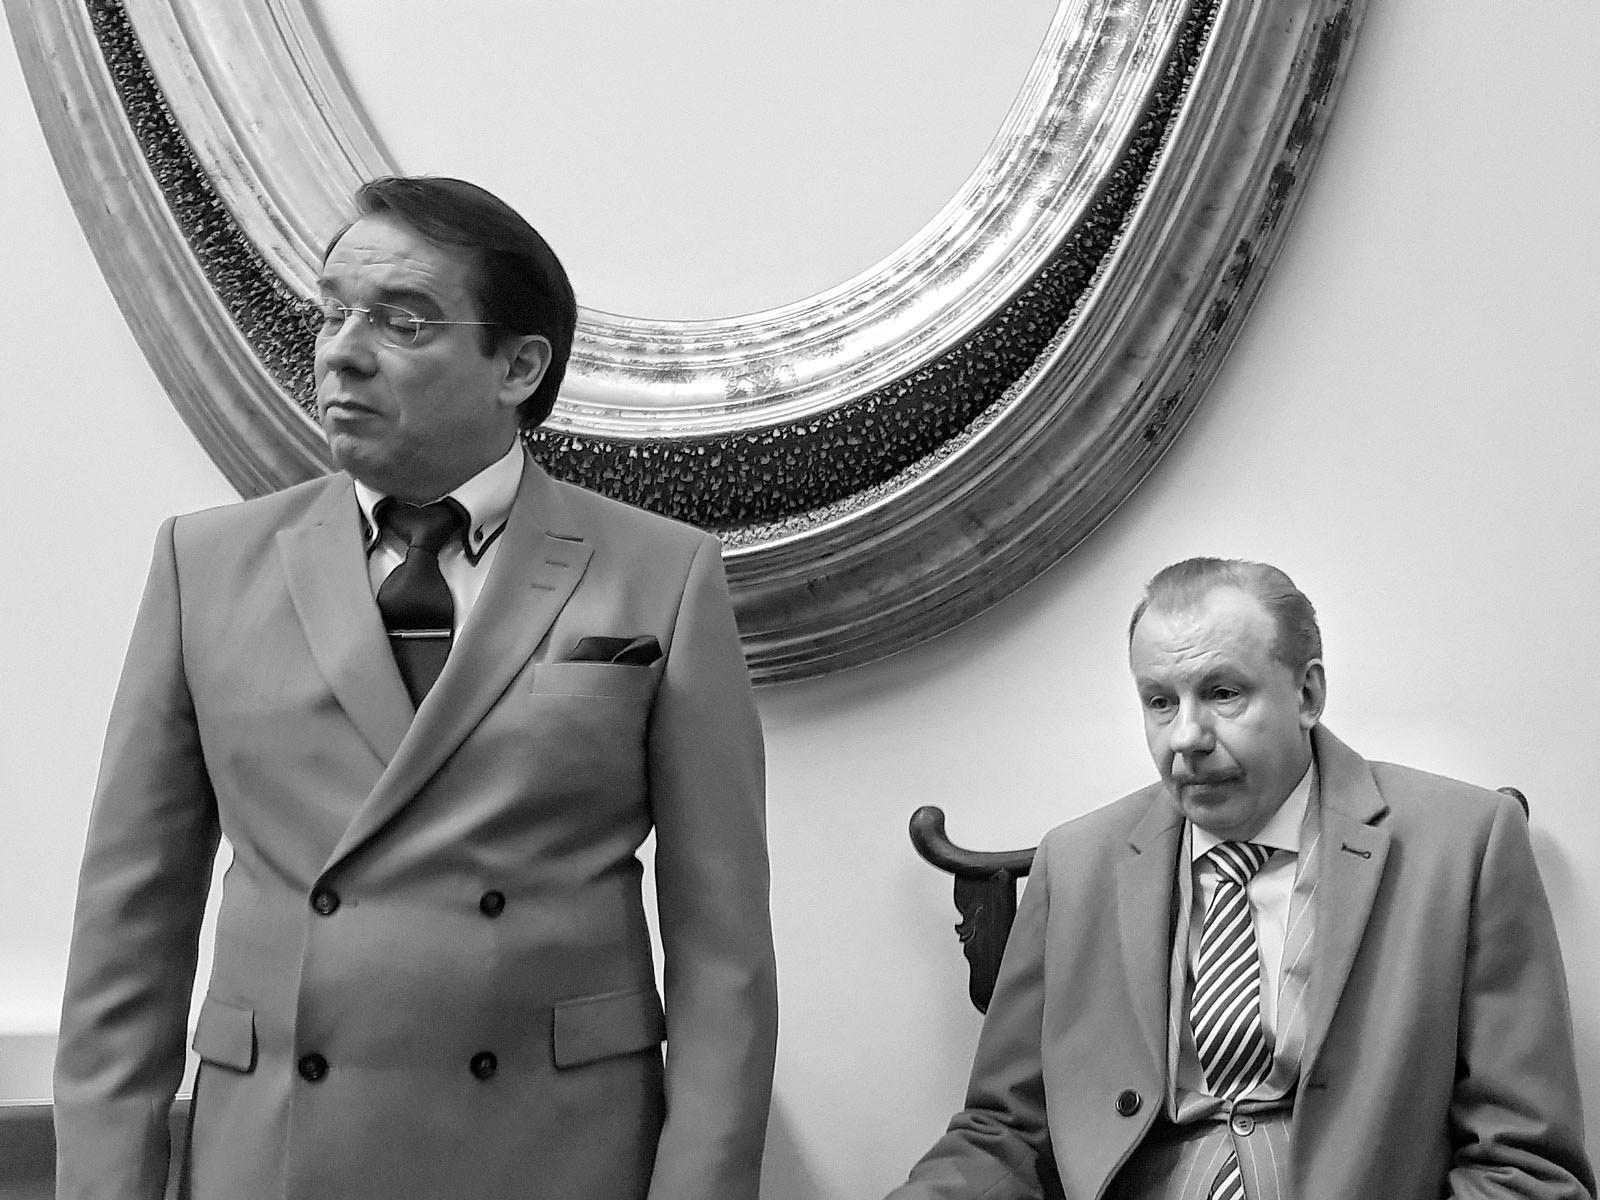 Zwei Männer im Anzug